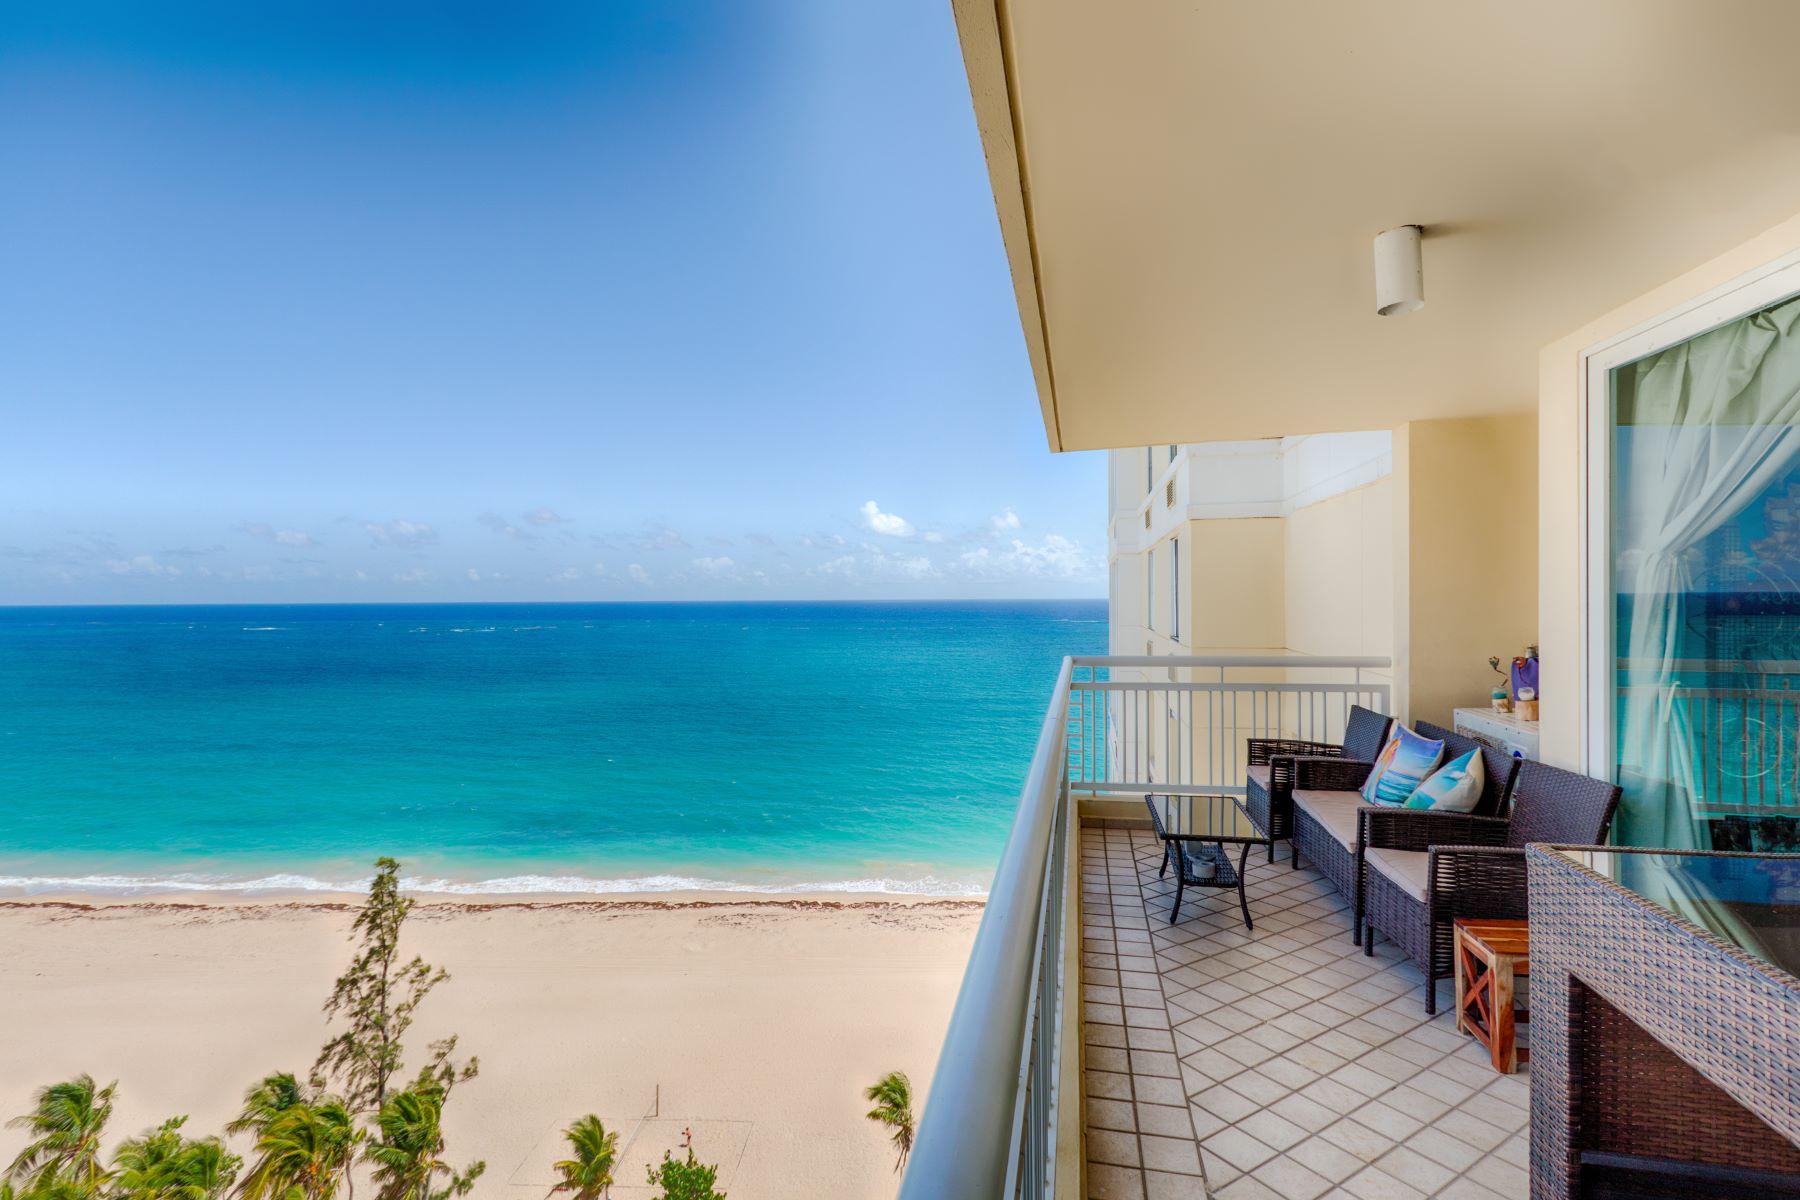 شقة بعمارة للـ Sale في 6 Carrion Court, Apt 1501, San Juan, Puerto Rico 6 Carrion Court Apt 1501 San Juan, 00911 Puerto Rico